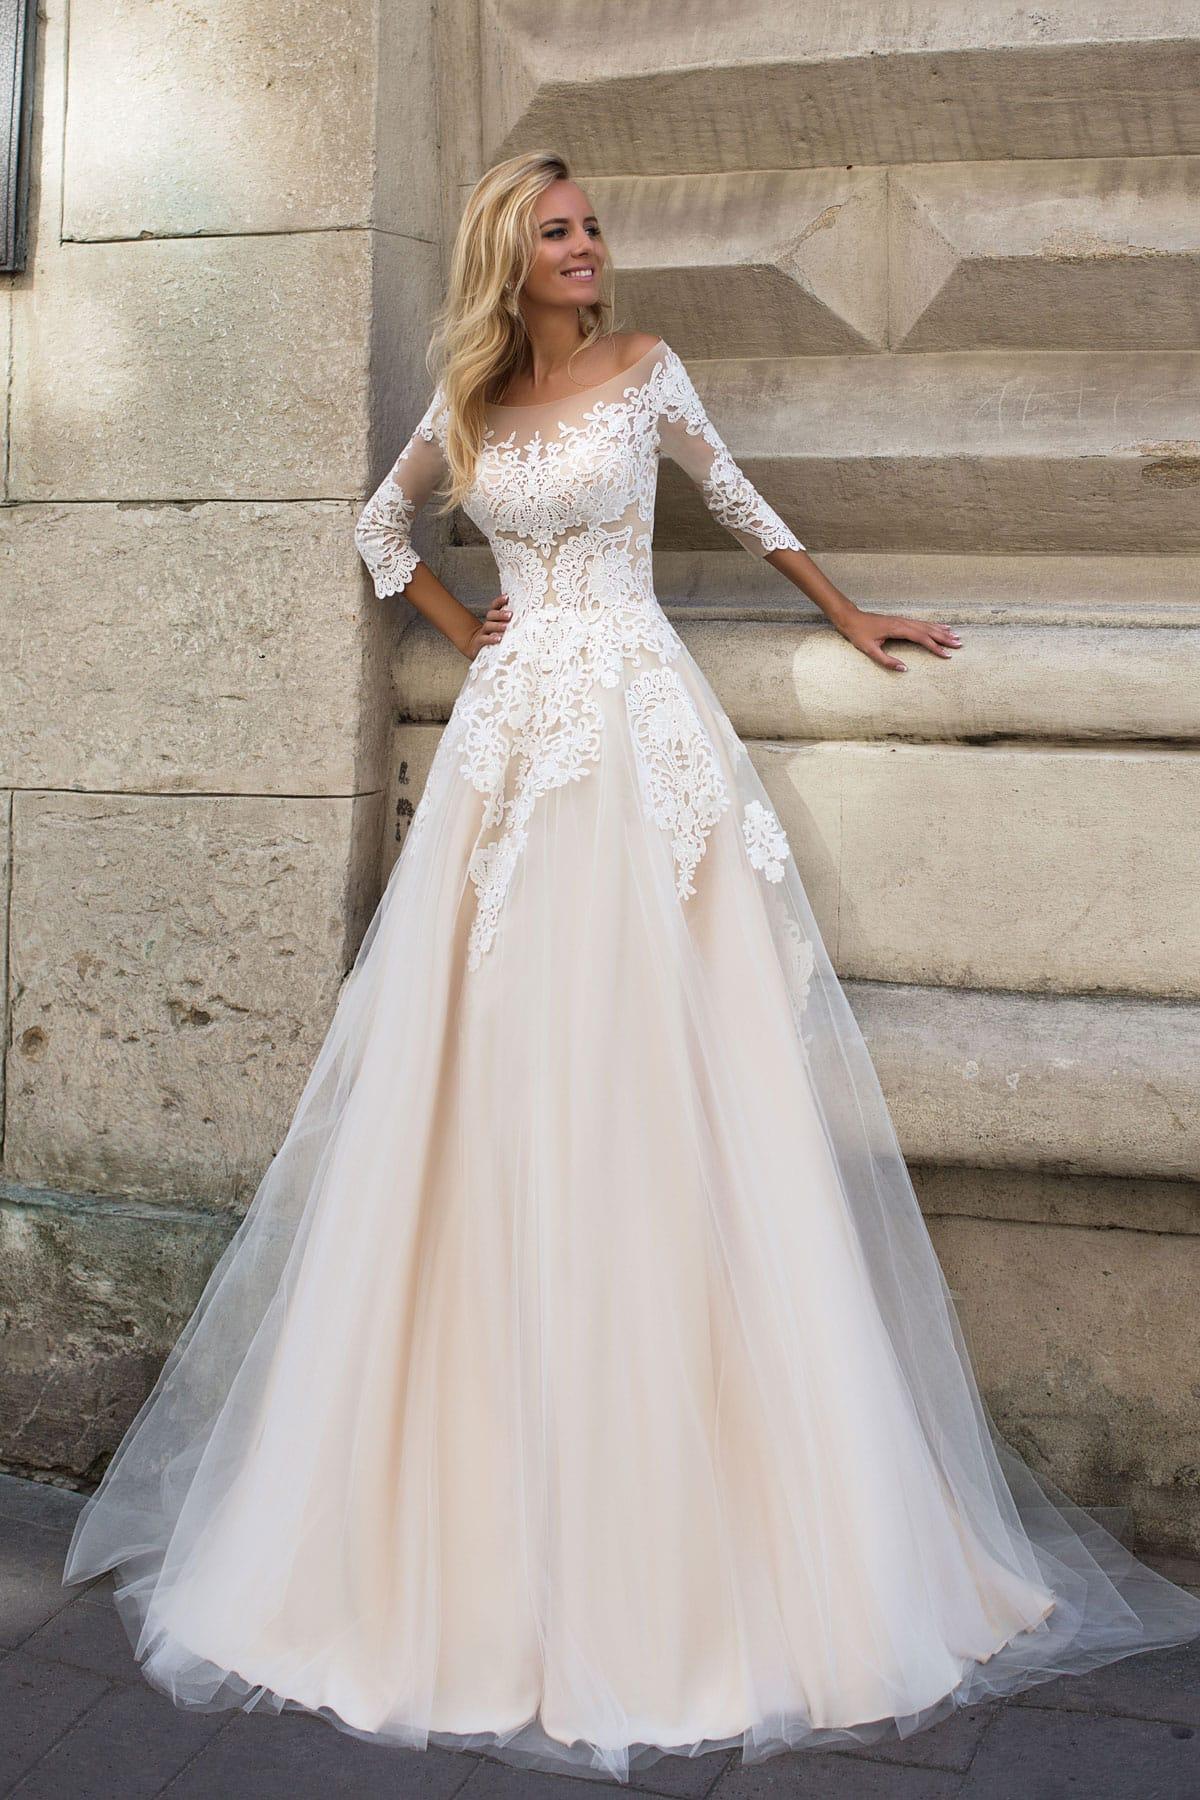 Свадебное платье Оксана Муха Althea купить в Киеве - салон Dress Me 4b42ea0f4eaa8